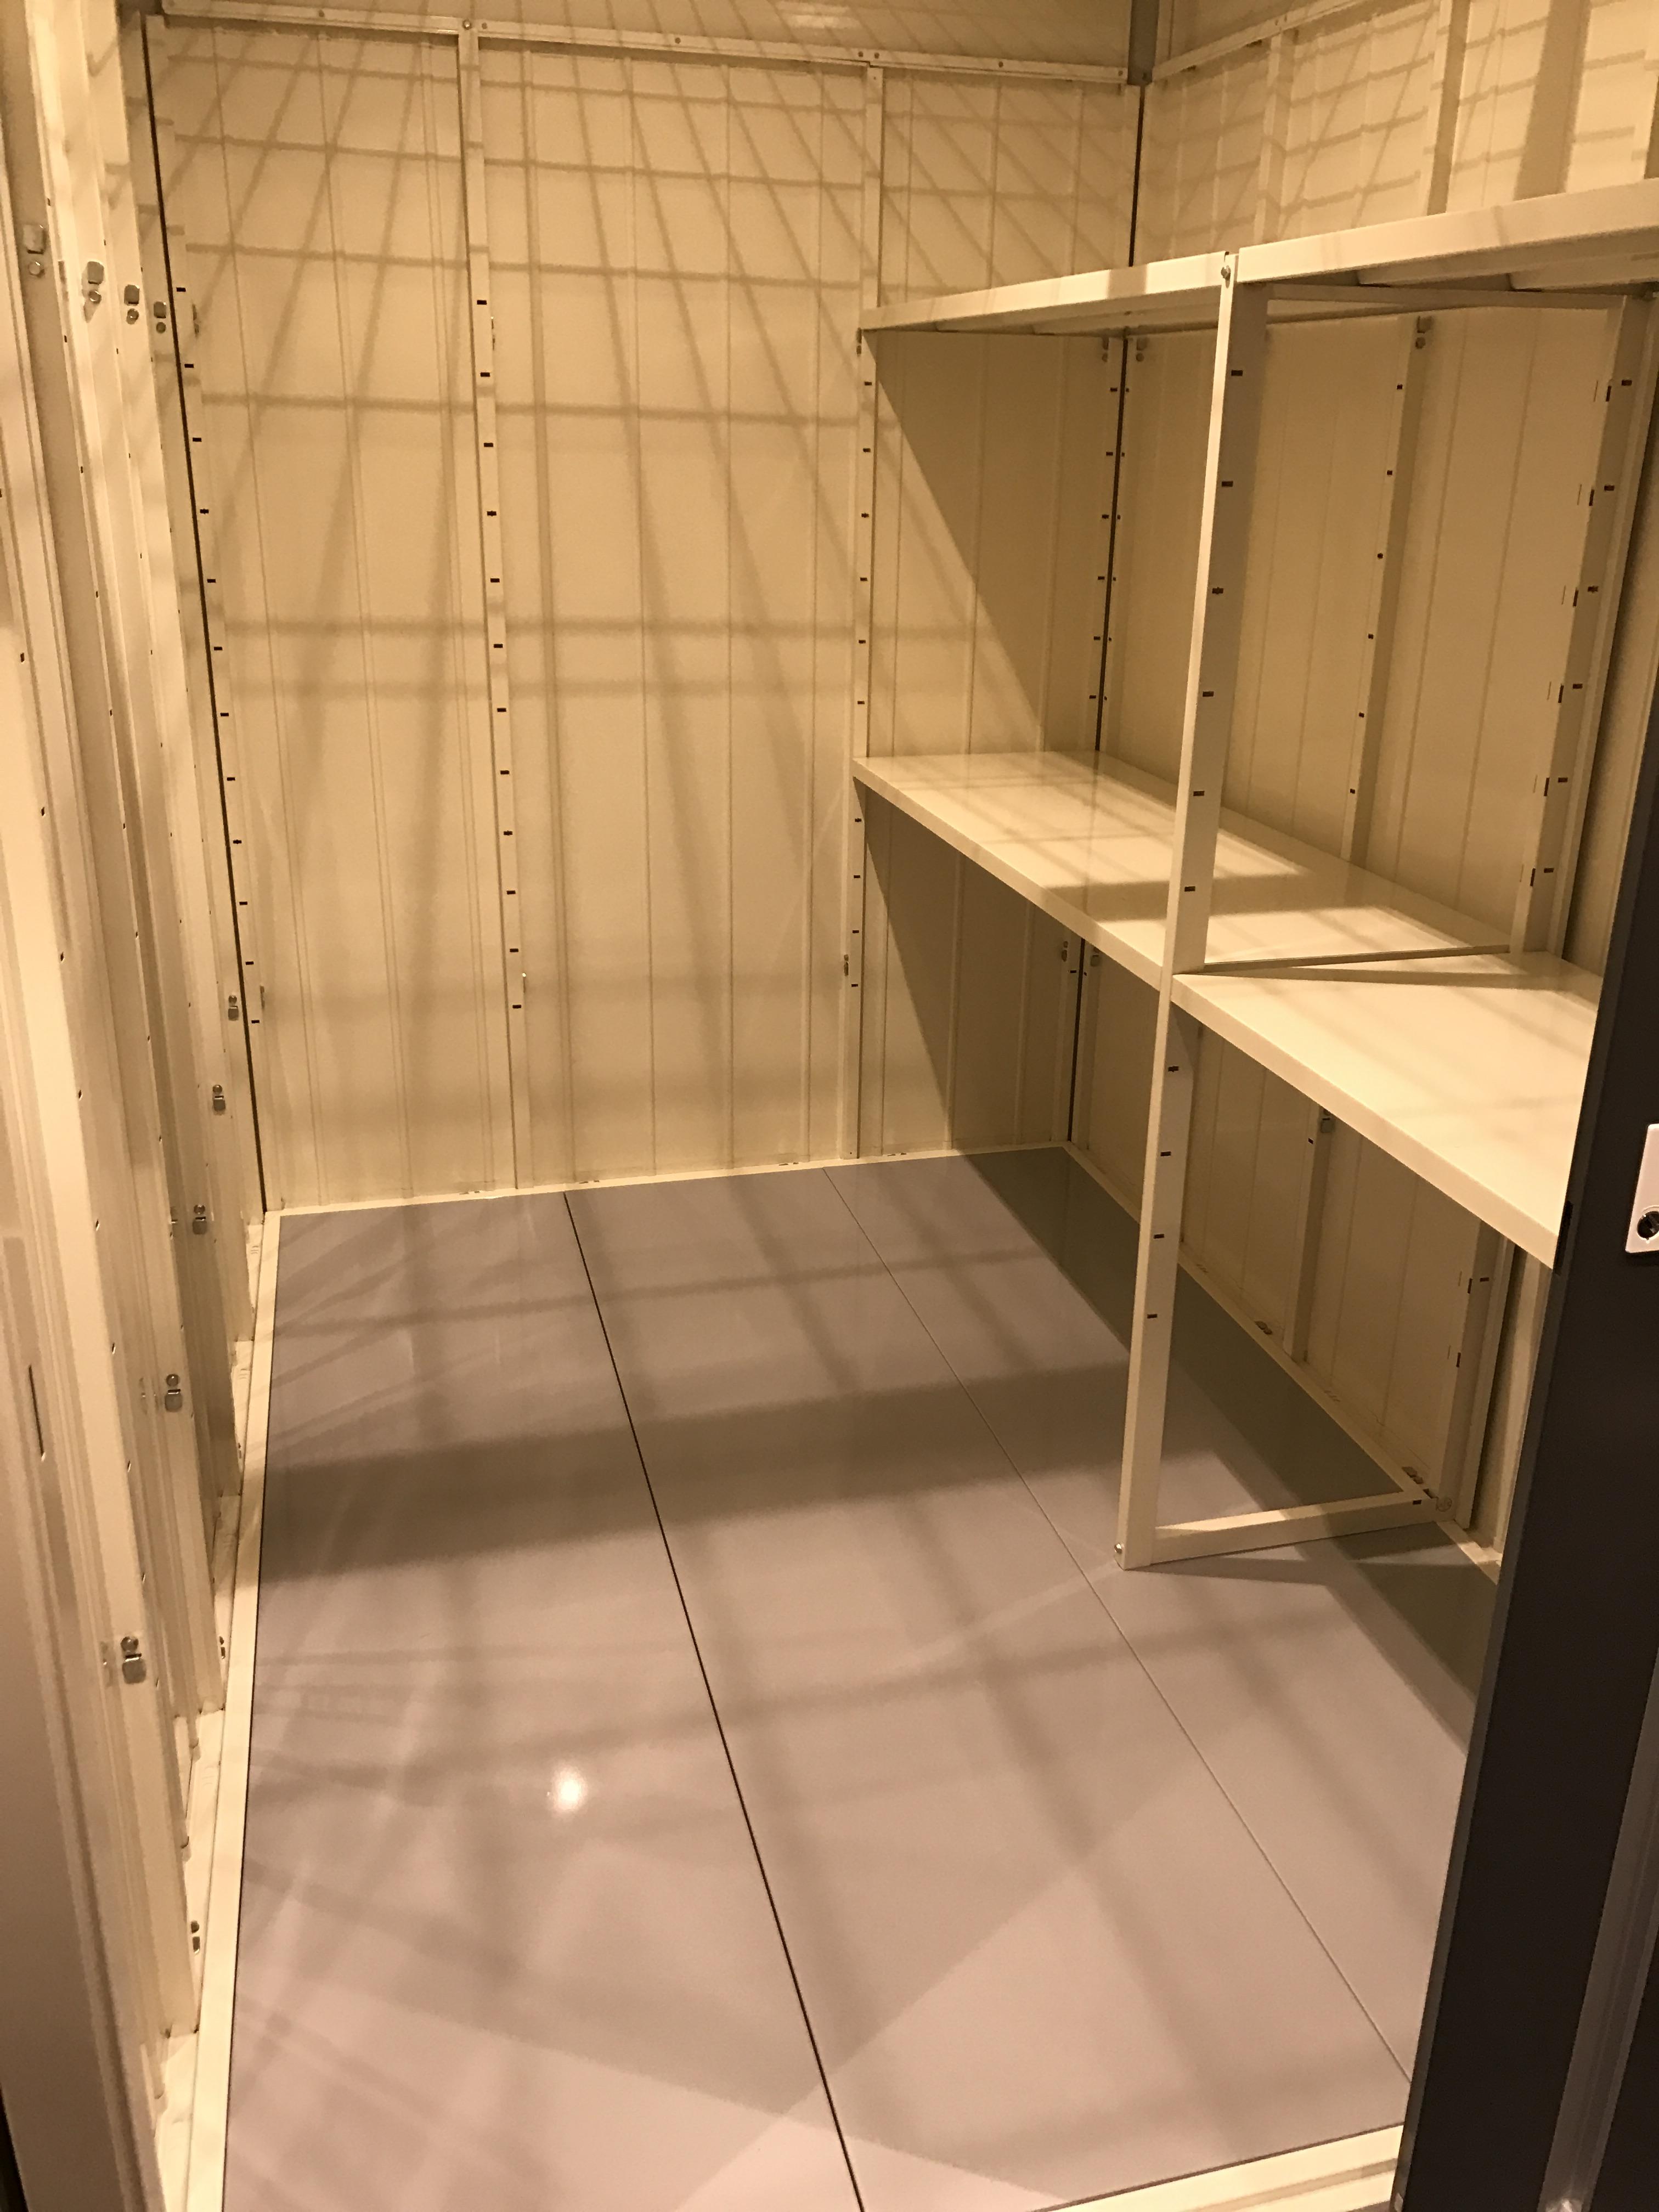 INABA96代々木2丁目店 TLタイプ(3.38m2)(2.0畳)(間口×奥行き×高さ:1.53 × 2.21 × 2.04)